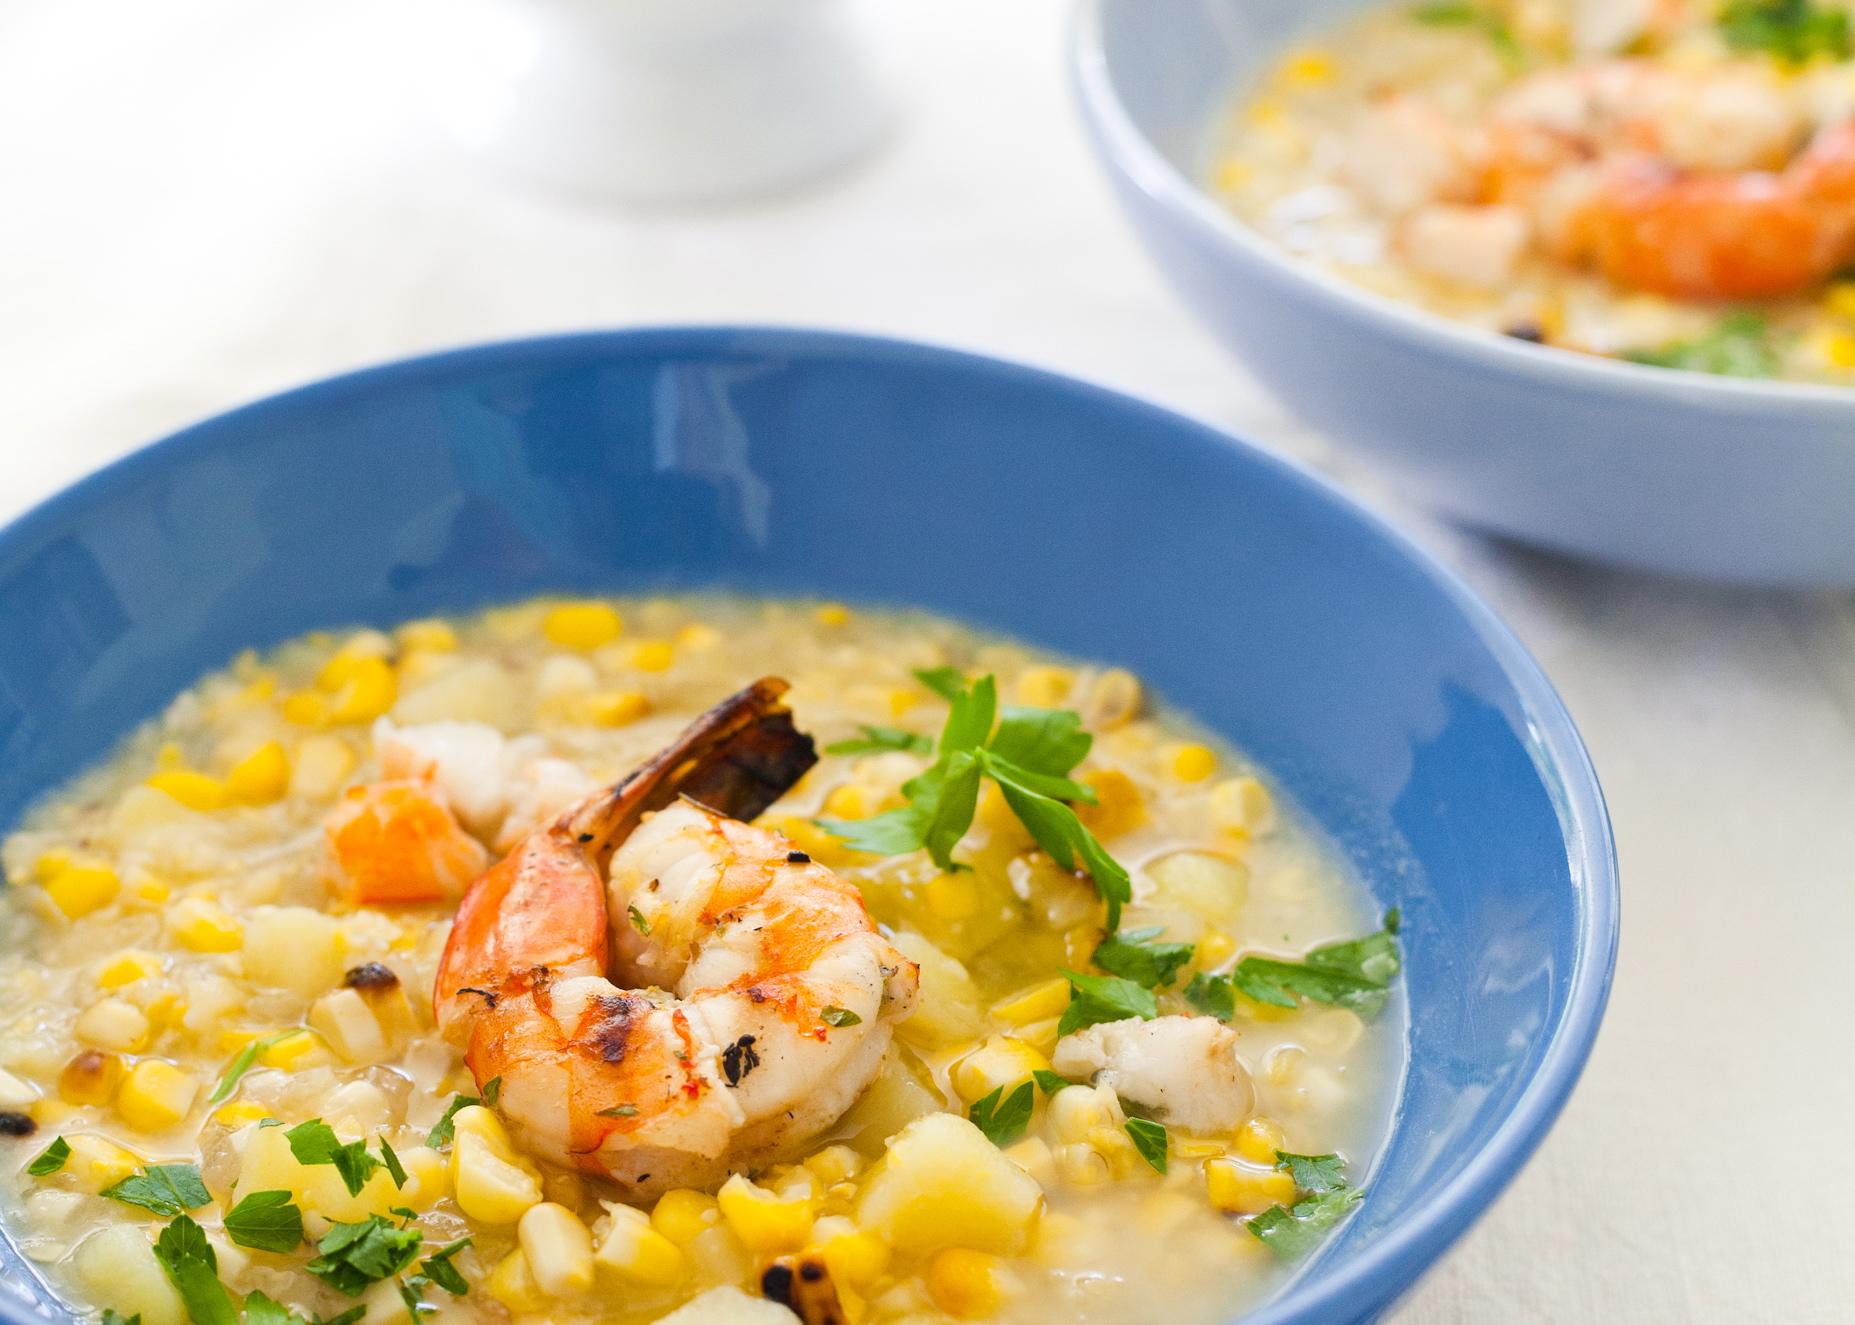 Smoky shrimp and corn chowder